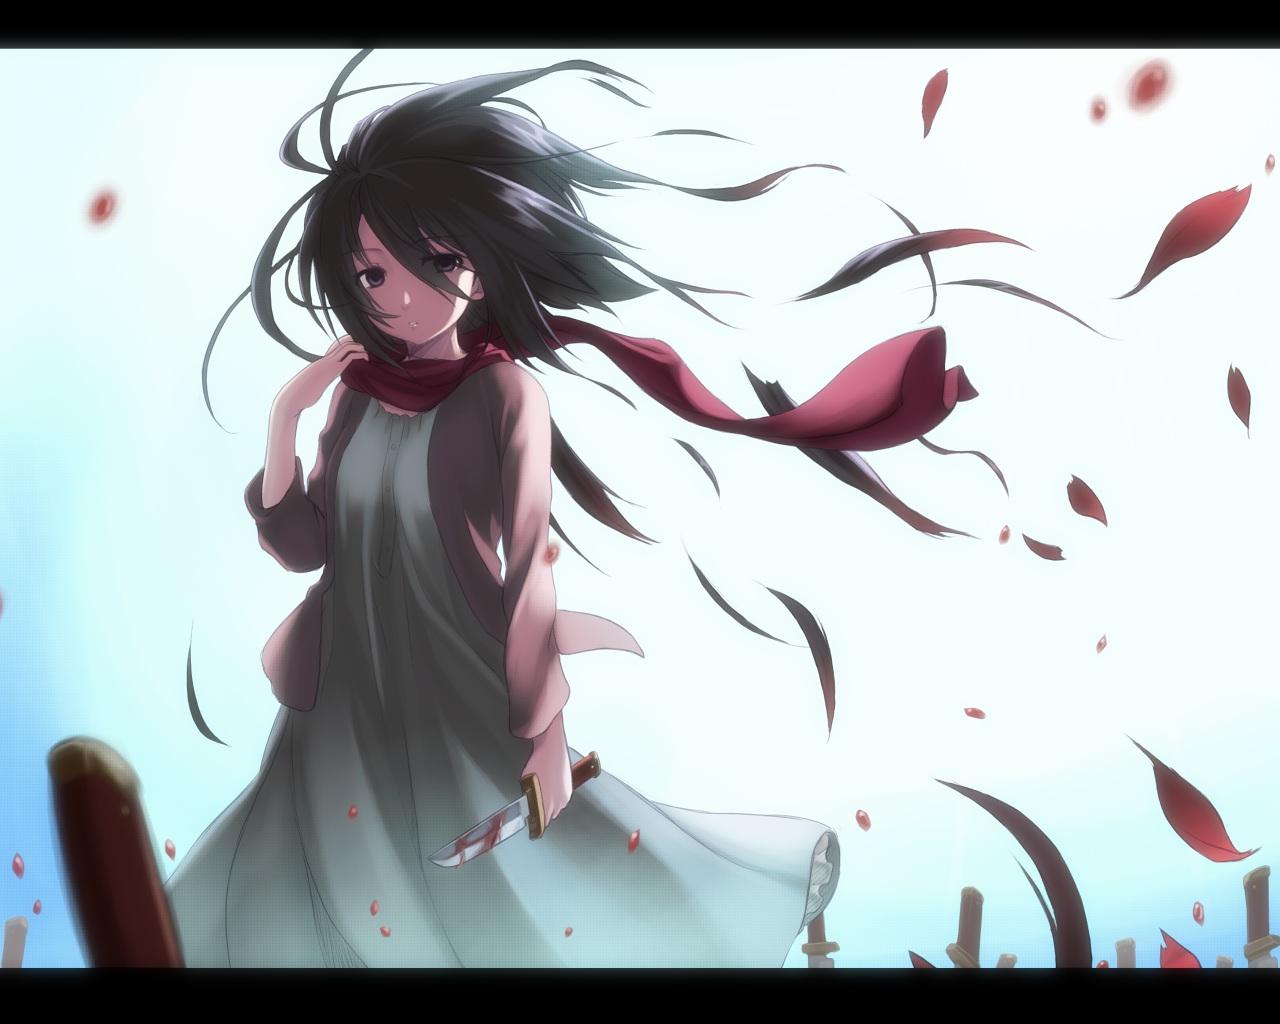 Mikasa Shingeki No Kyojin Attack On Titan Hinh Nền 35082056 Fanpop